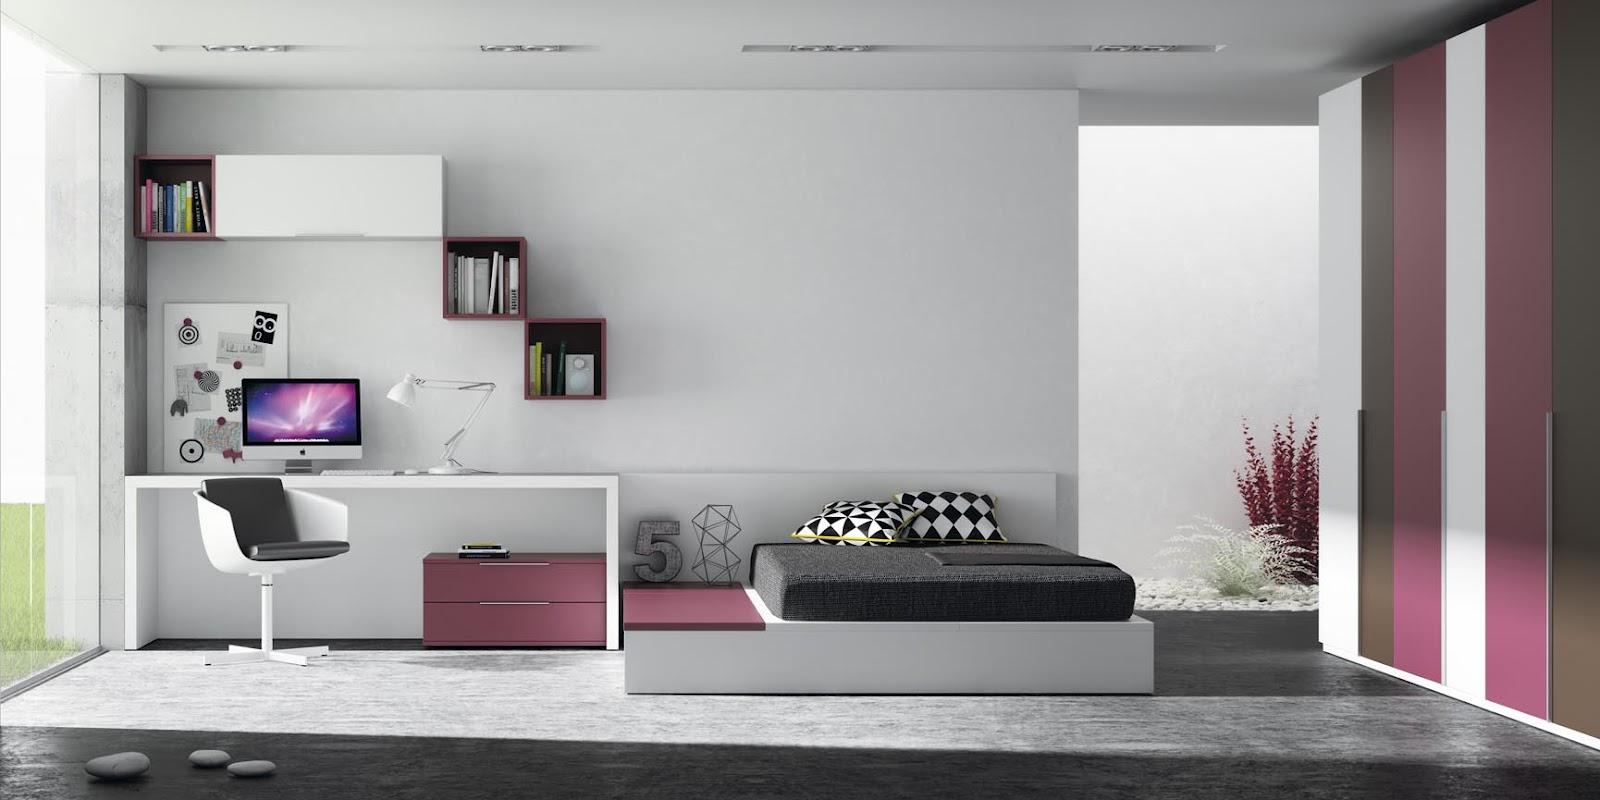 Dormitorios juveniles para adolescentes de 12 a os 13 a os for Recamaras rosas